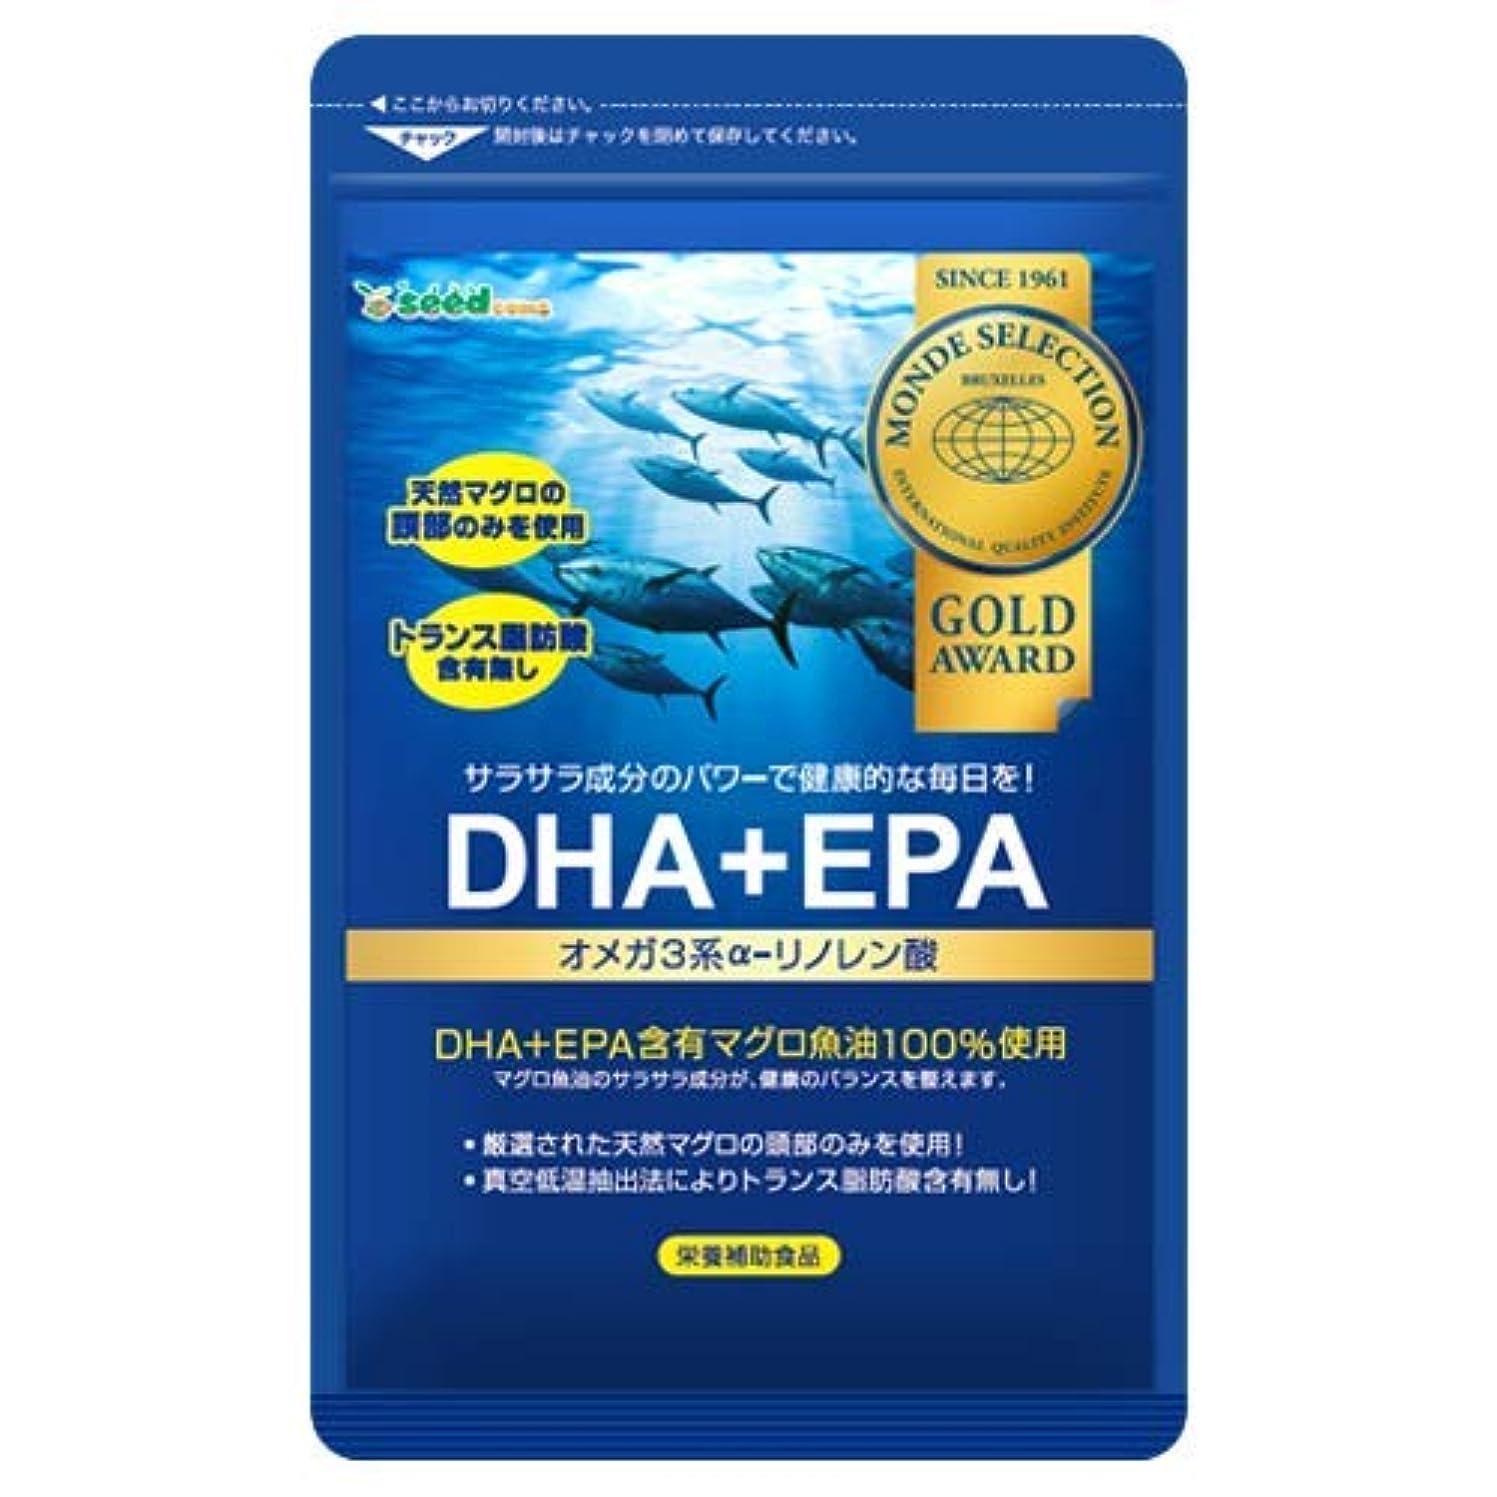 船尾接尾辞雄弁家シードコムス seedcoms DHA + EPA オメガ系 α-リノレン酸 ビンチョウマグロの頭部のみを贅沢に使用!トランス脂肪酸 0mg 約3ヶ月分 90粒